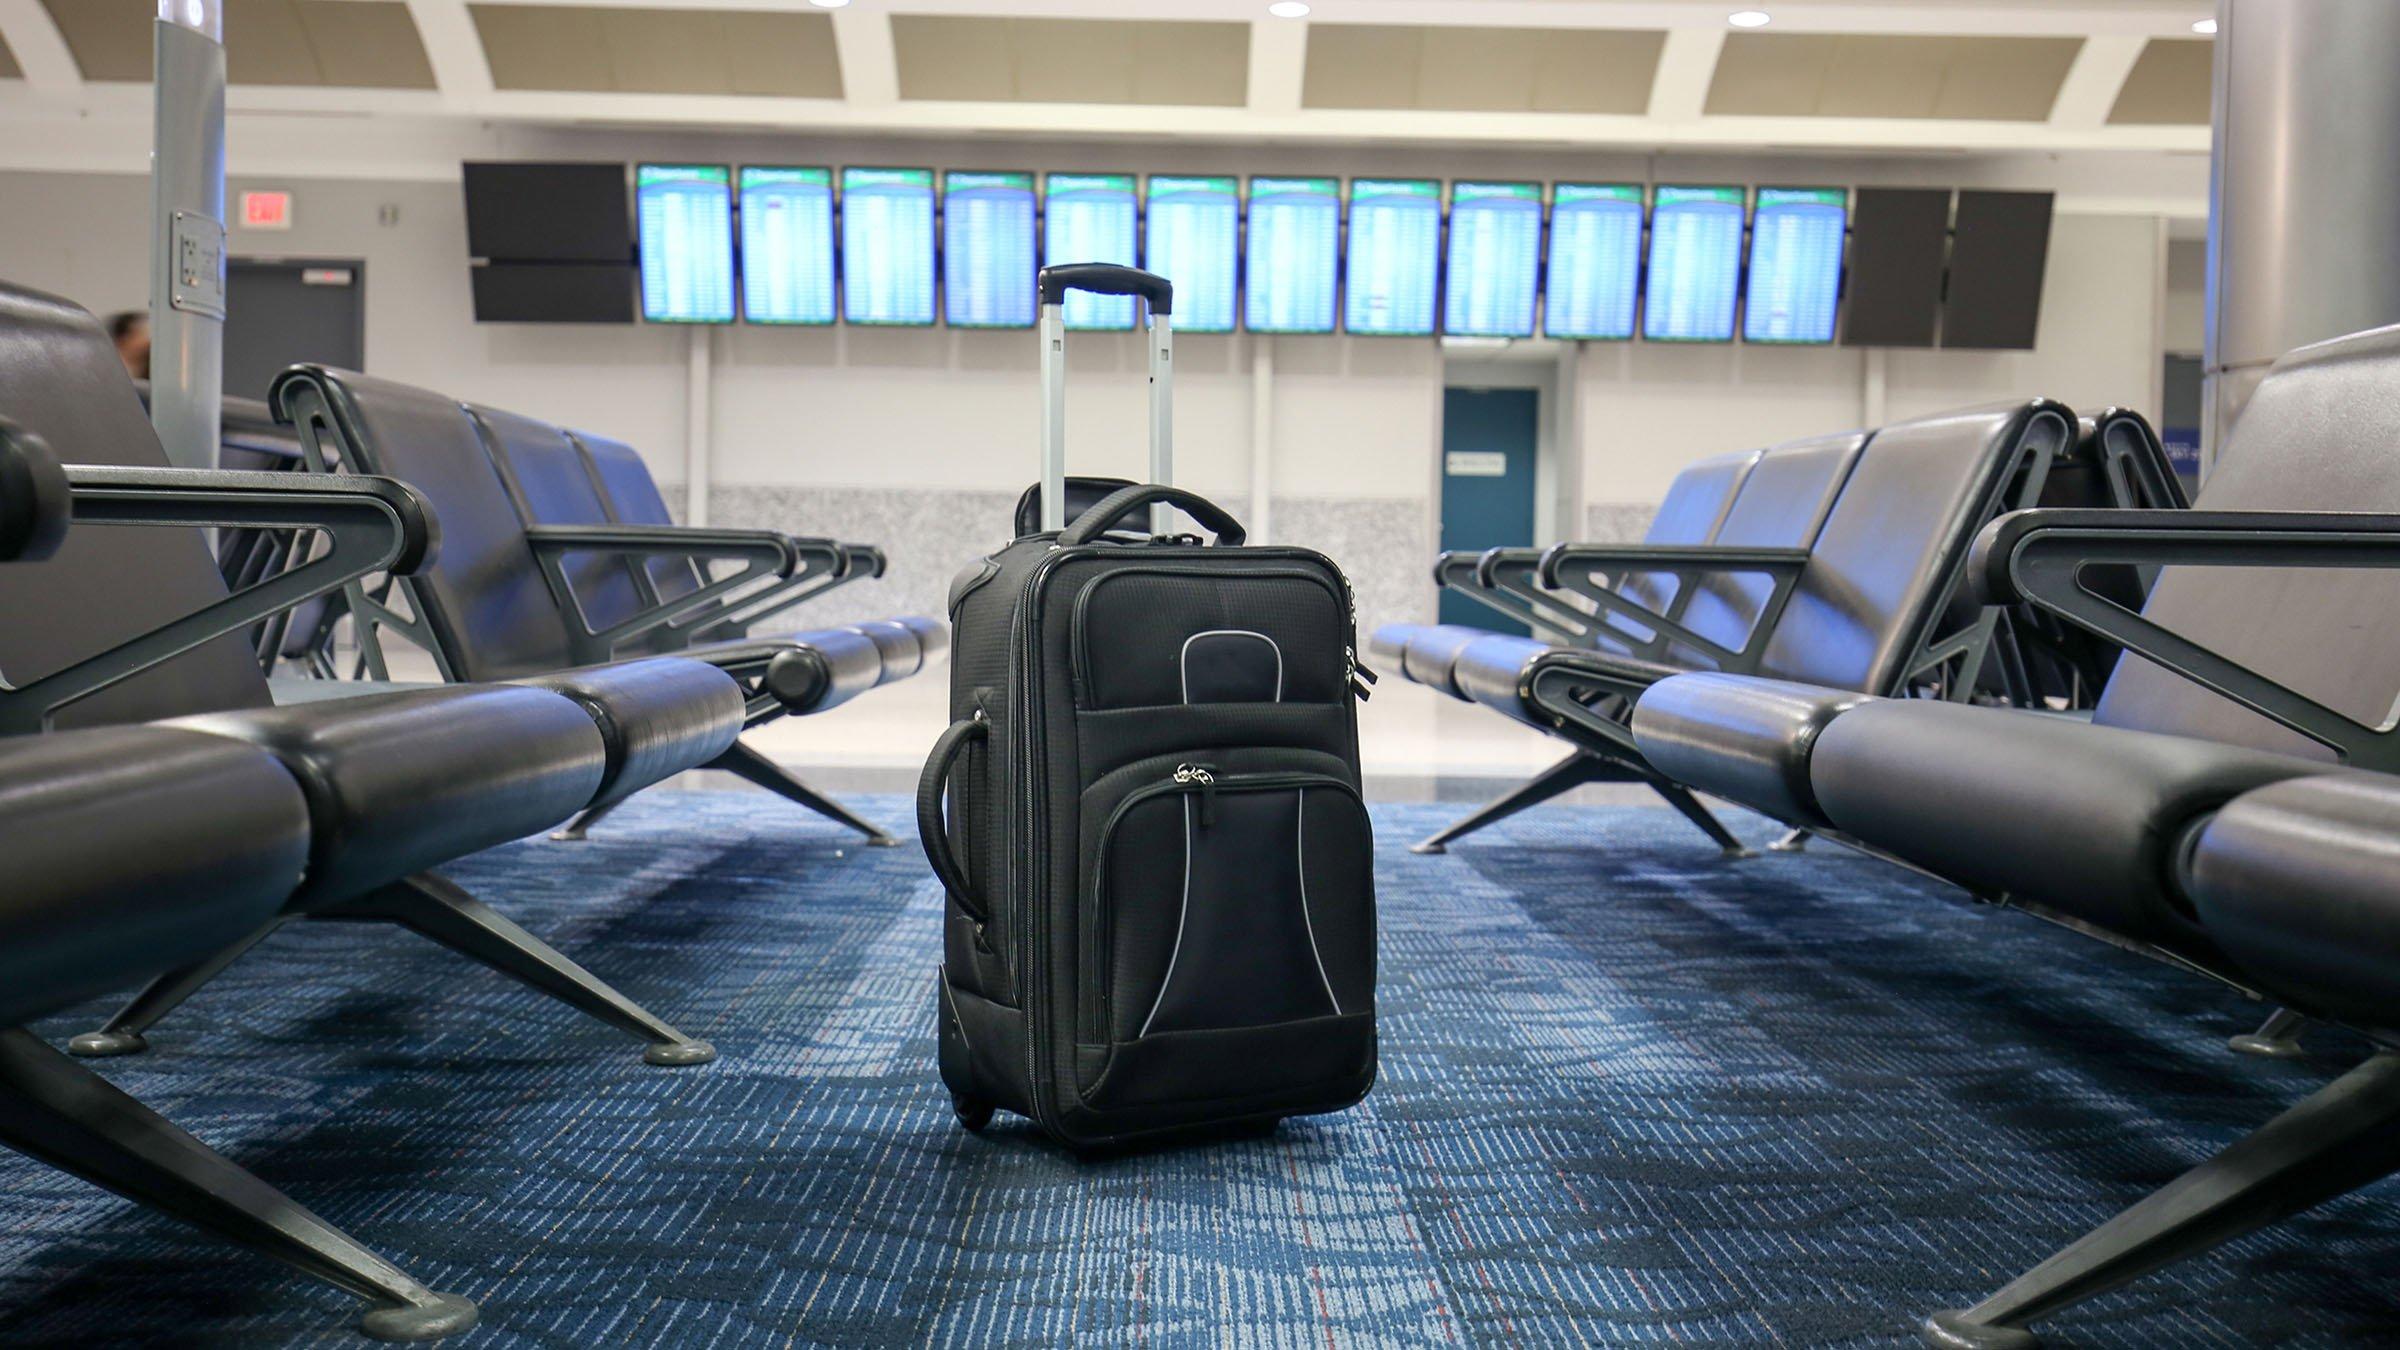 Pérdida del equipaje facturado